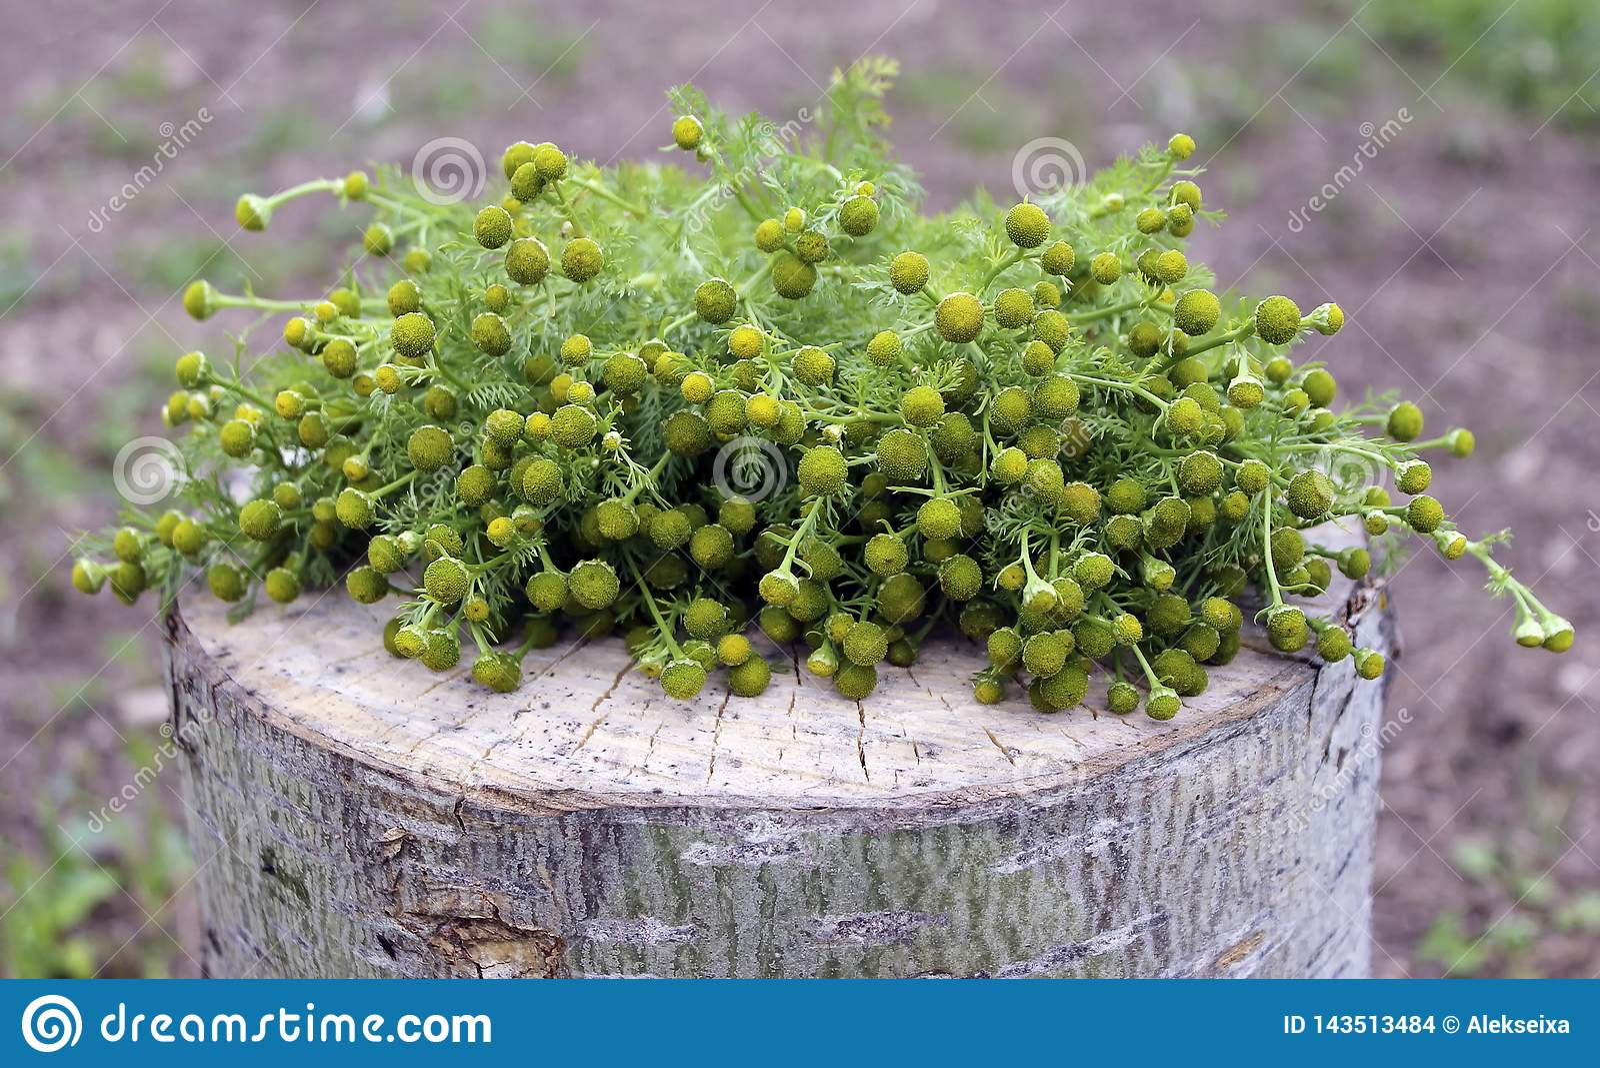 Planta medicinal - manzanilla farmacéutica con las inflorescencias en un tocón de madera